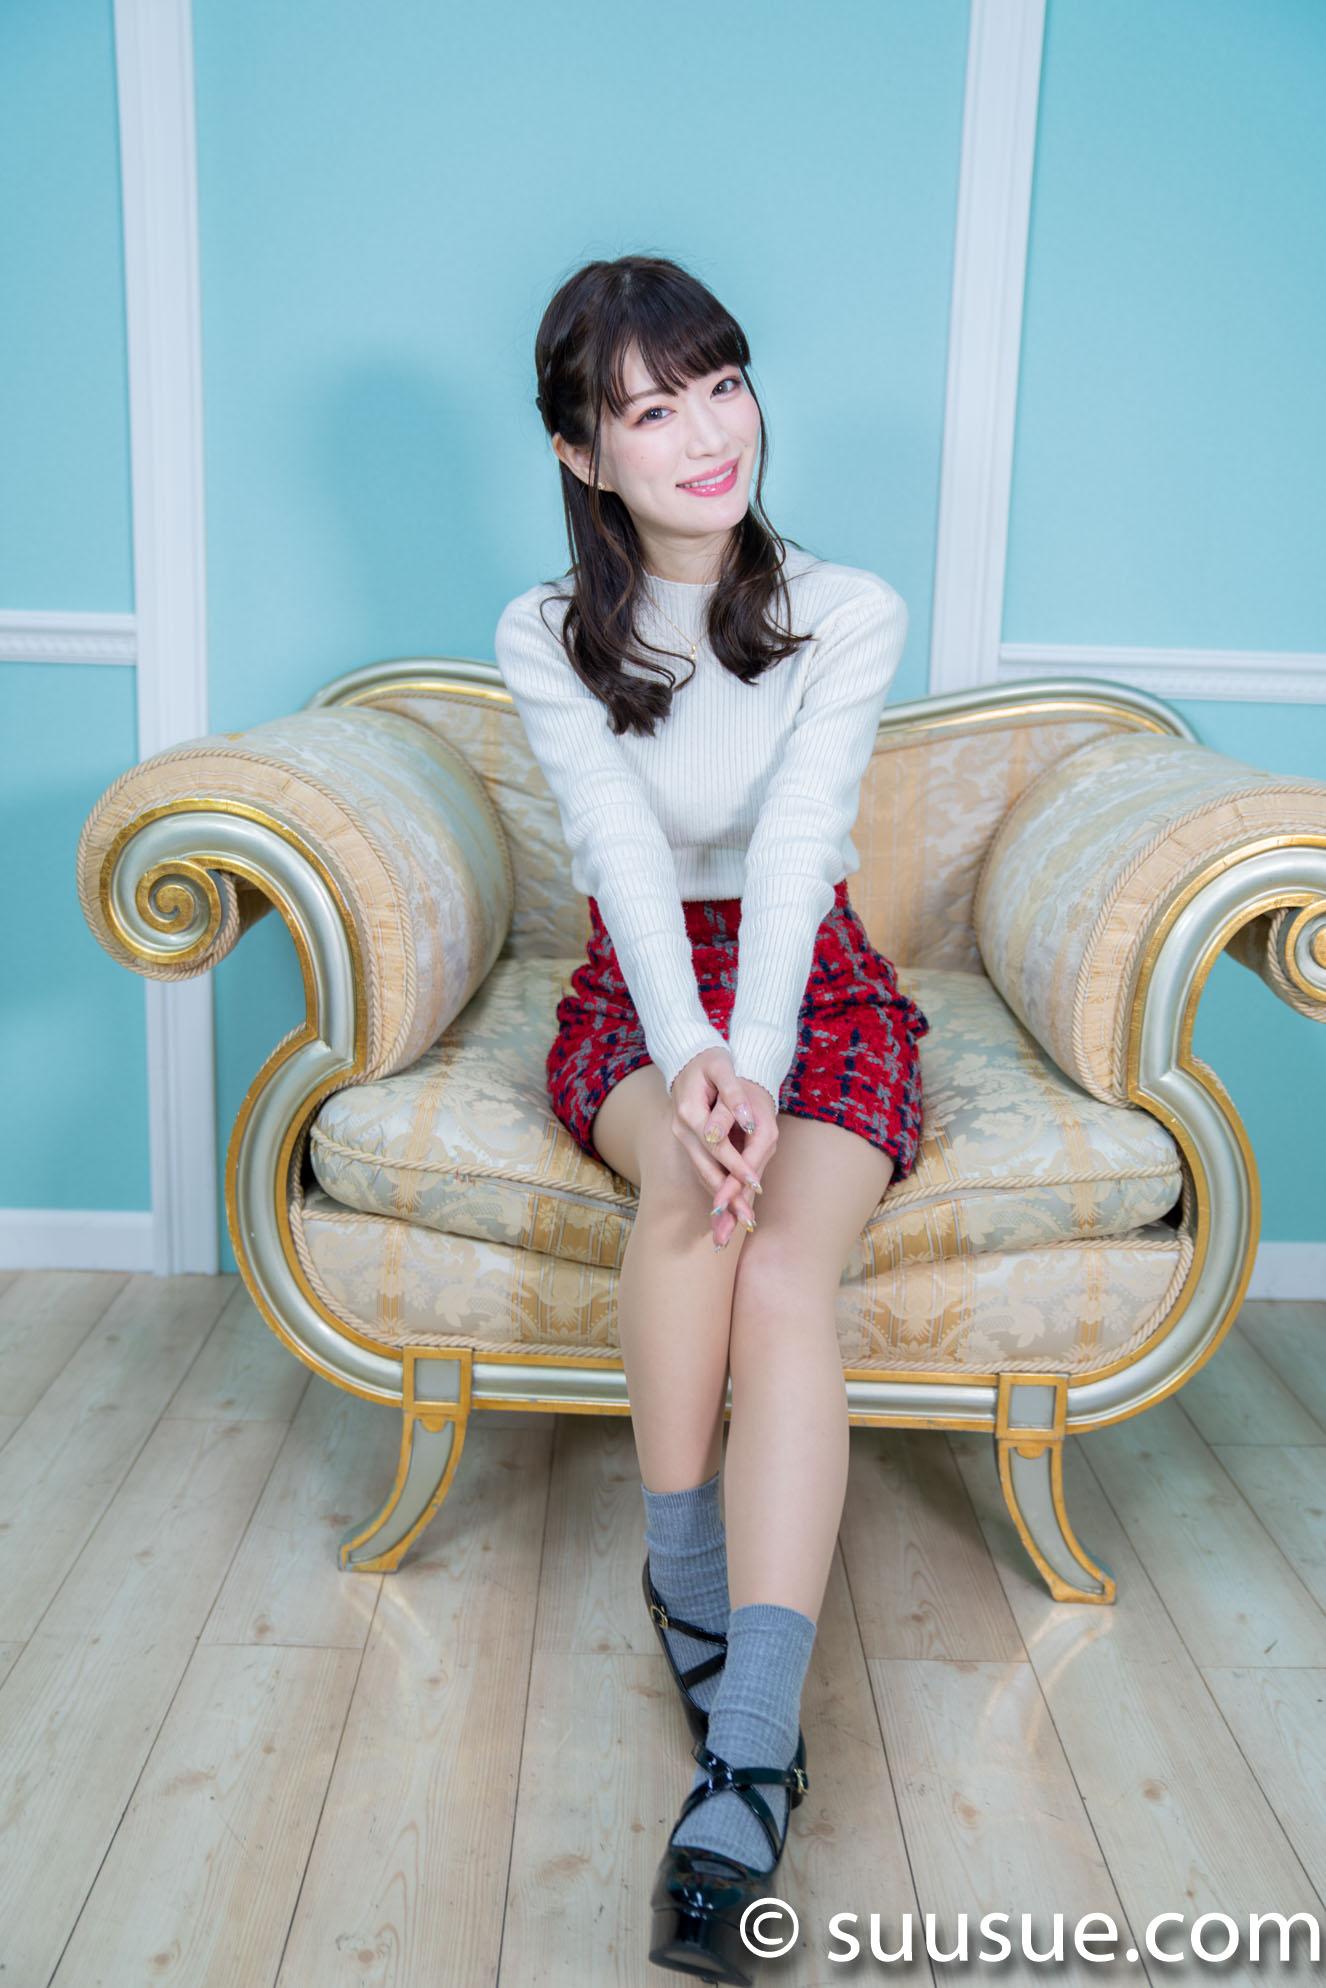 小嶋みやび 2019/02/10 NewType撮影会 私服